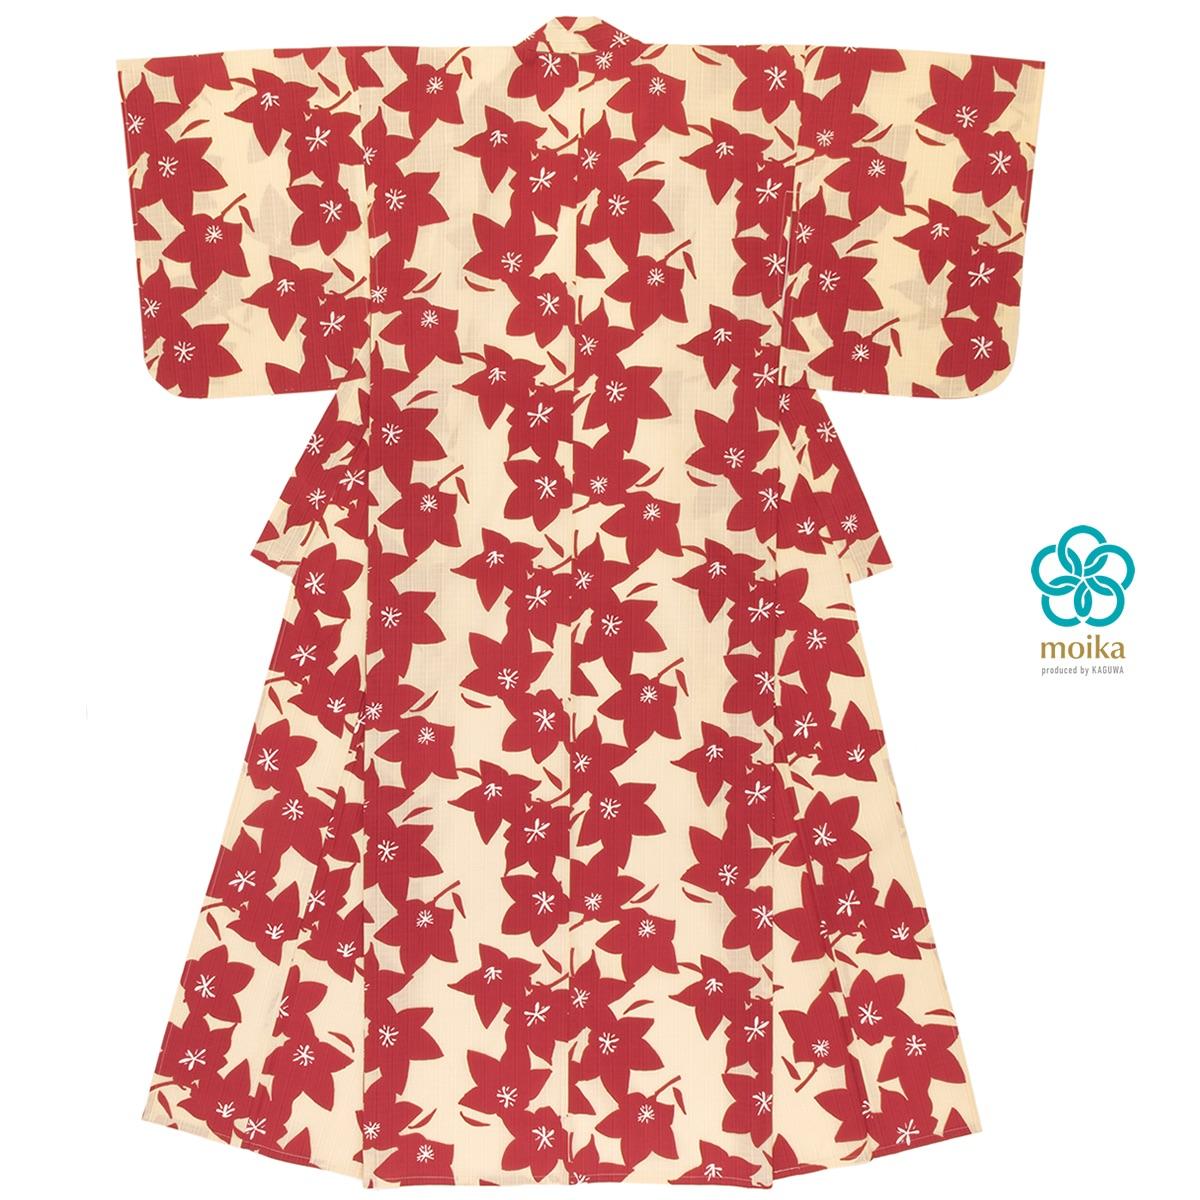 moika 浴衣 レディース 単品 Mサイズ レトロ 赤 レッド 桔梗 花 フラワー 衿芯付き 女性用 仕立て上がり